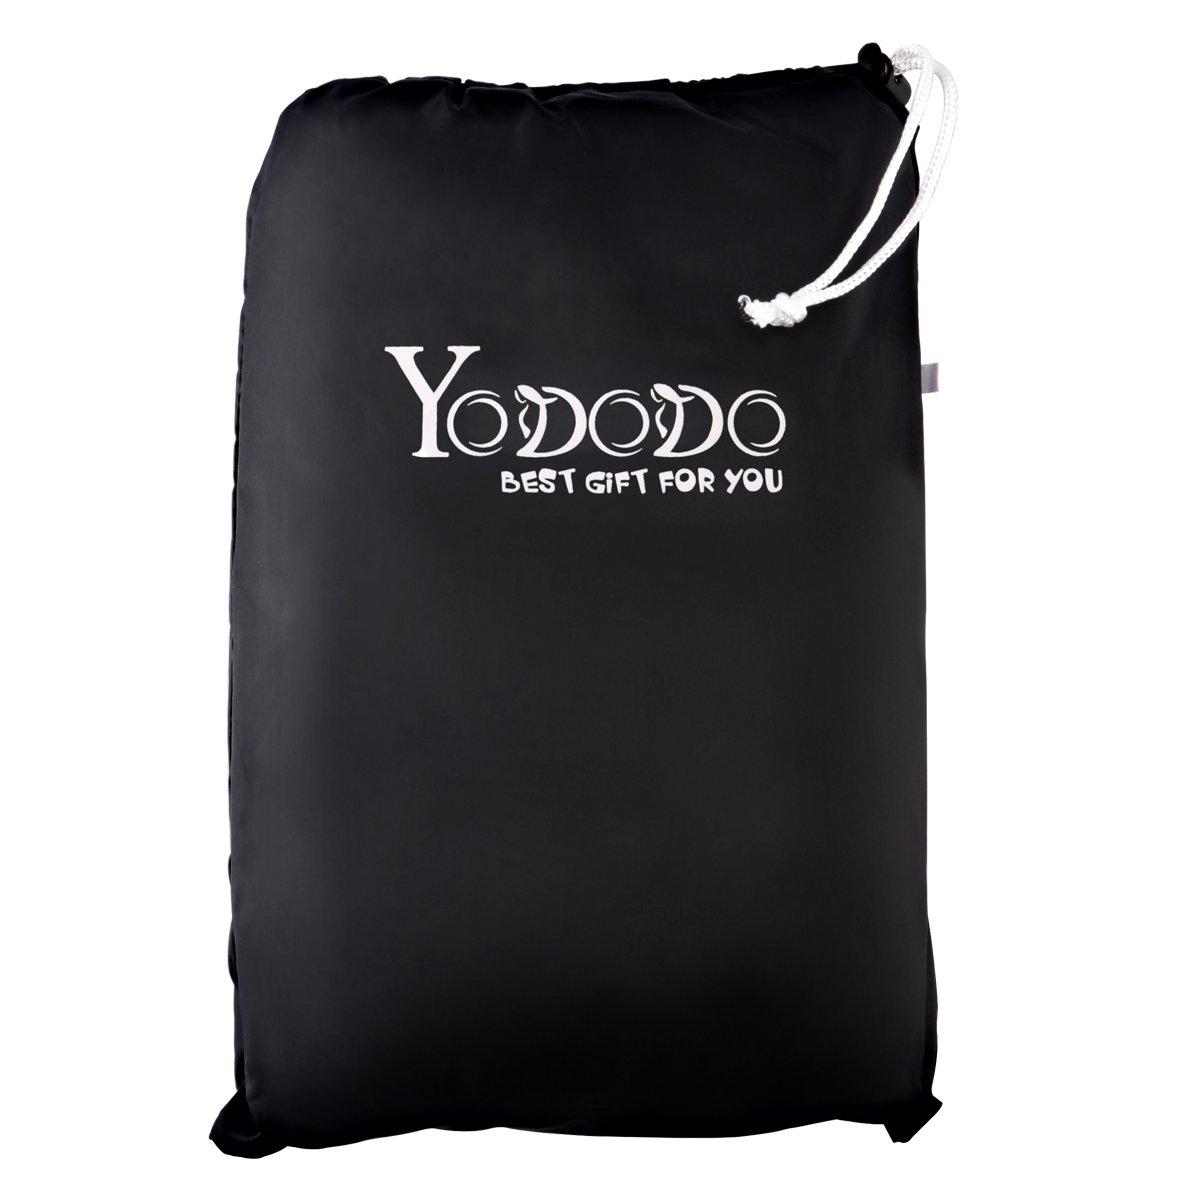 Scooter Yododo Couverture Imperm/éable en Polyester 190T pour Moto Housse de Protection pour Moto Taille: XXL Couleur: Noir